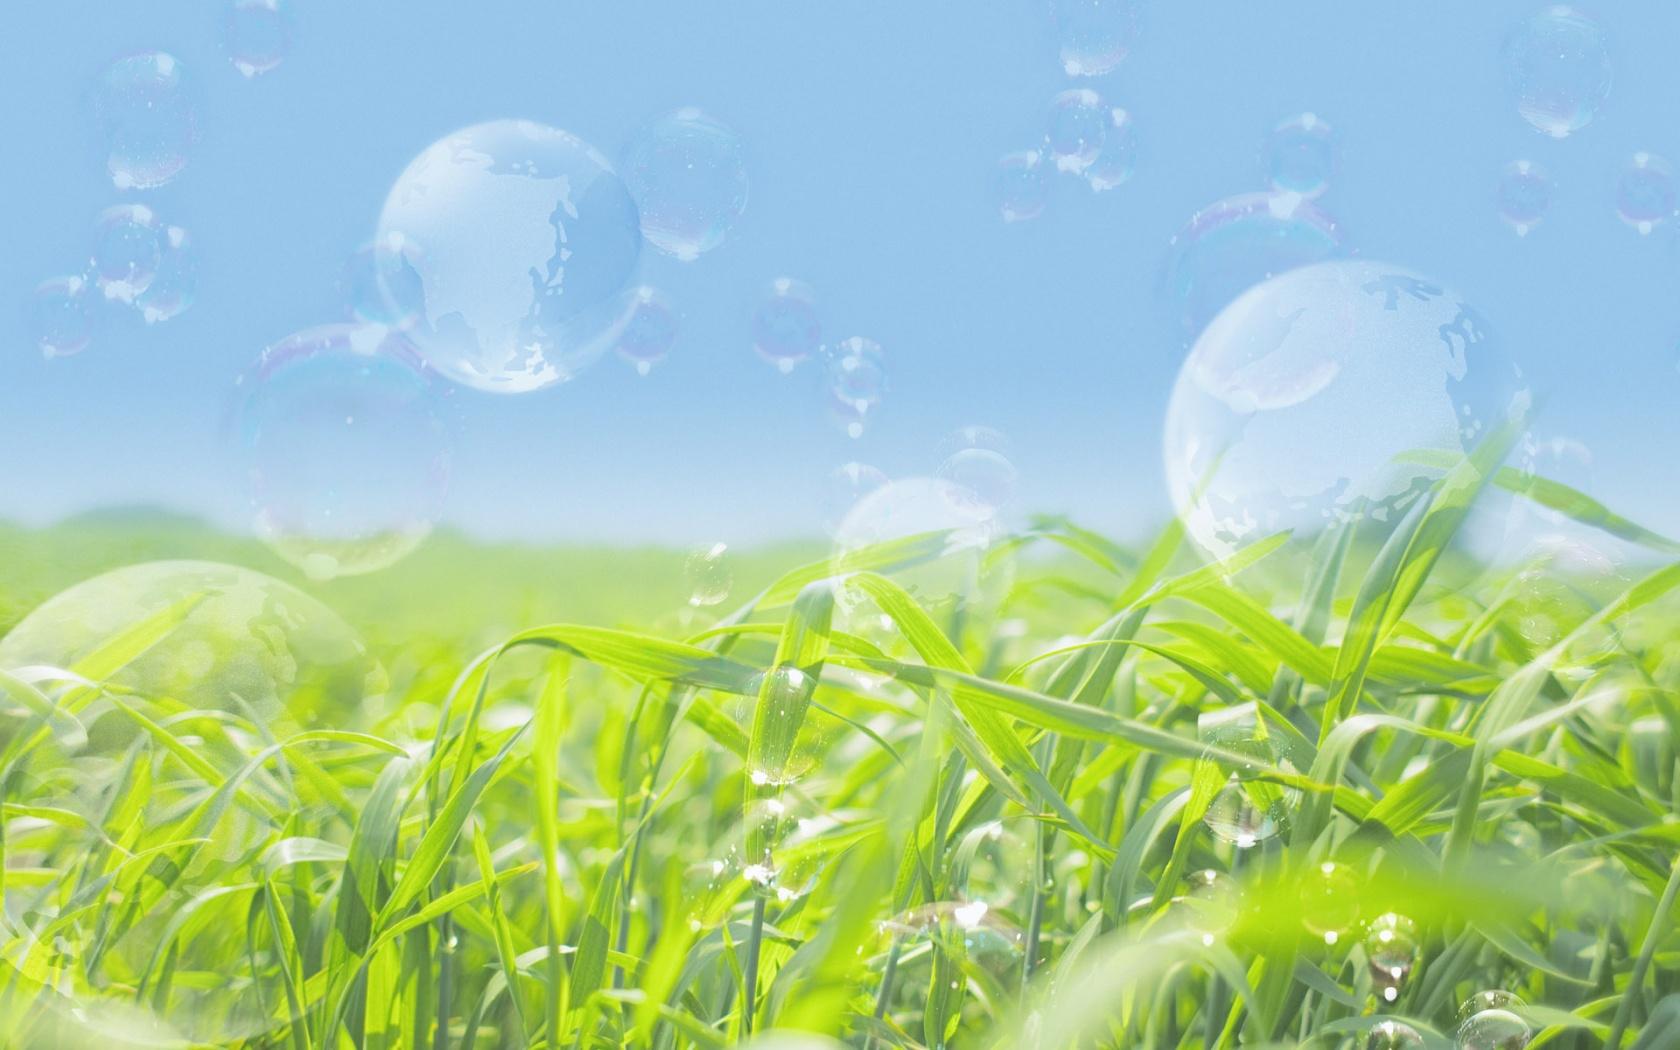 1680x1050 Transparent bubbles desktop PC and Mac wallpaper 1680x1050